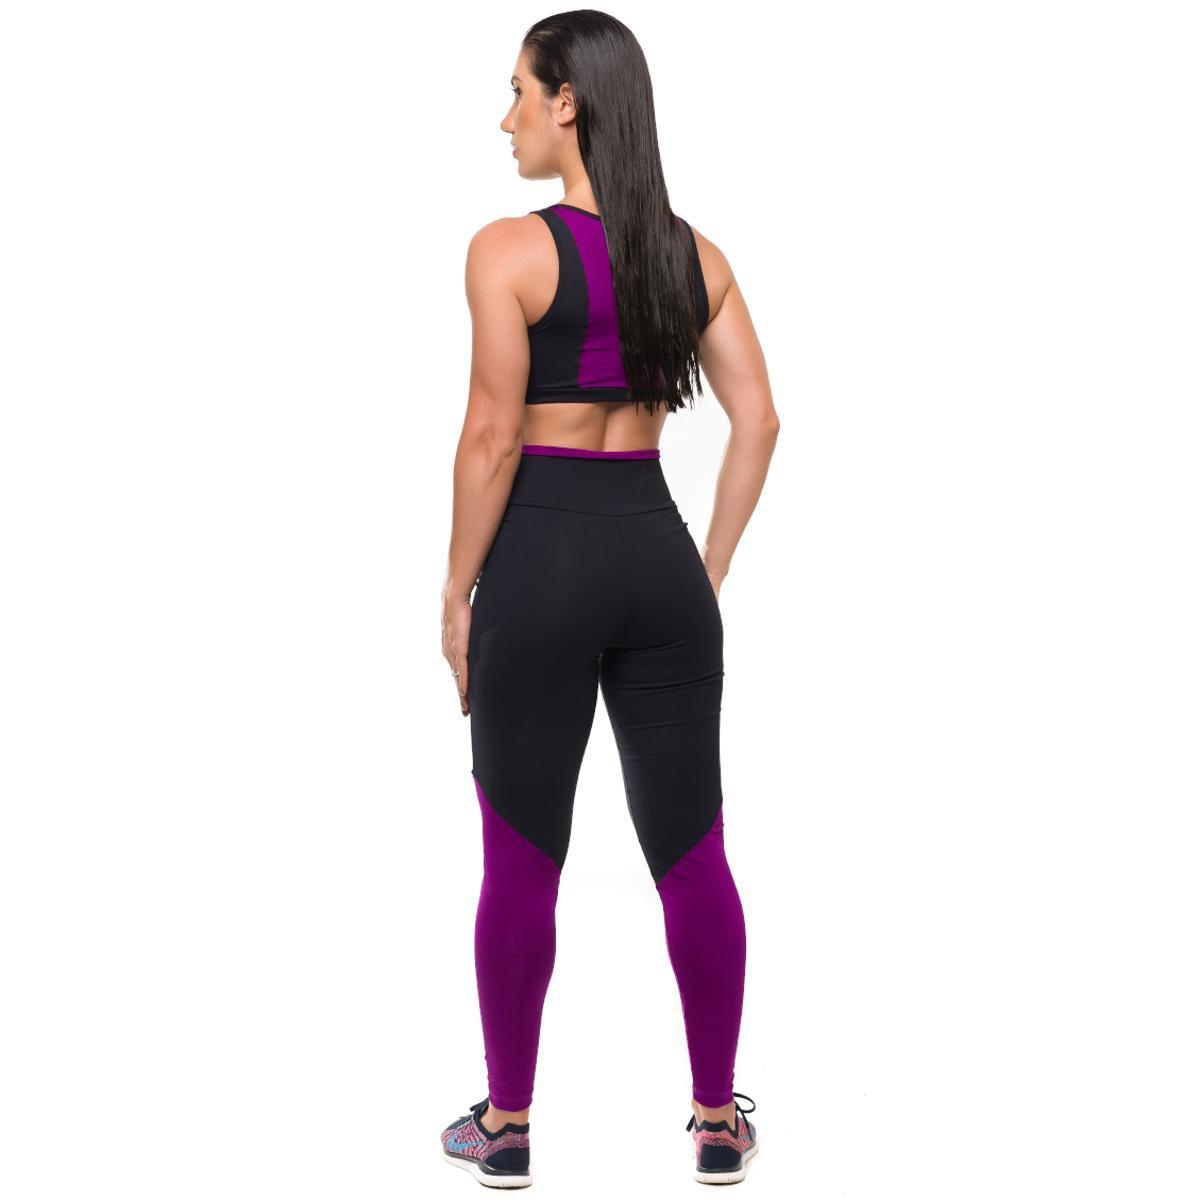 Feminino Legging Conjunto e Sandy Glam Solar Preto Proteção Com Roxo Fitness Top 5Z87Zgq